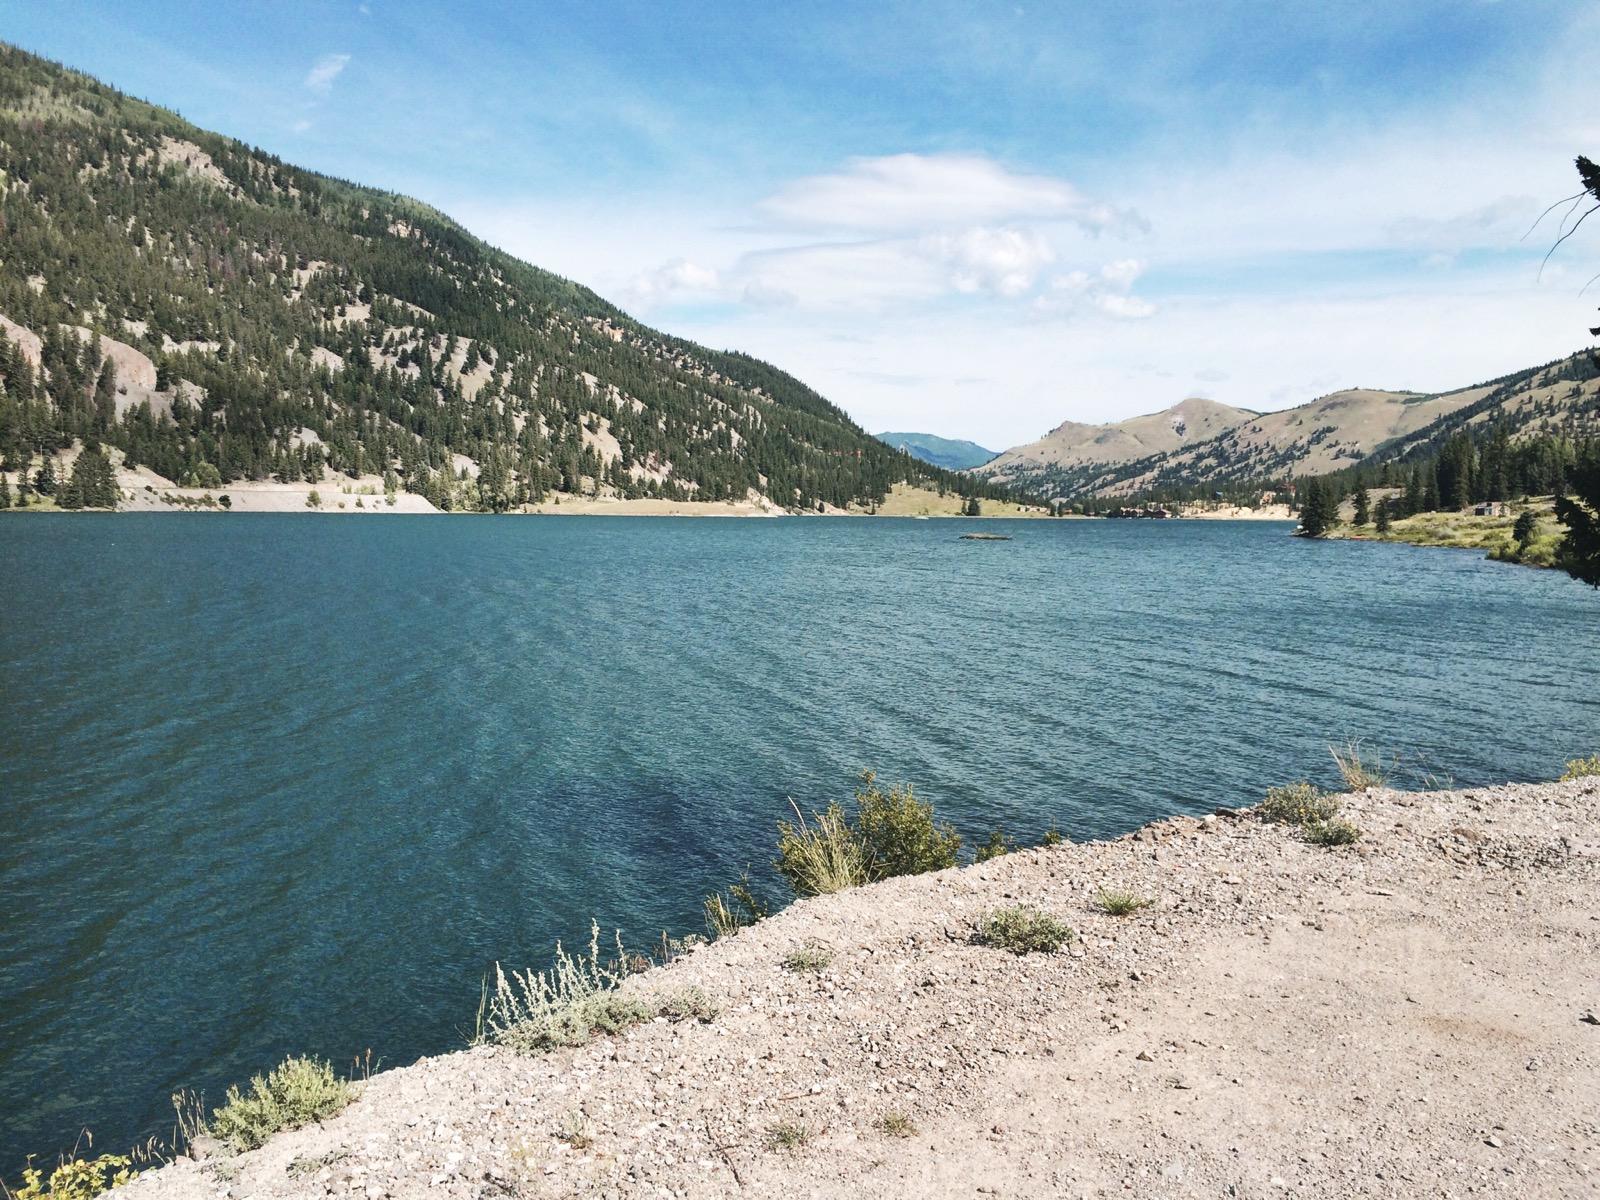 LakeSanCristobal